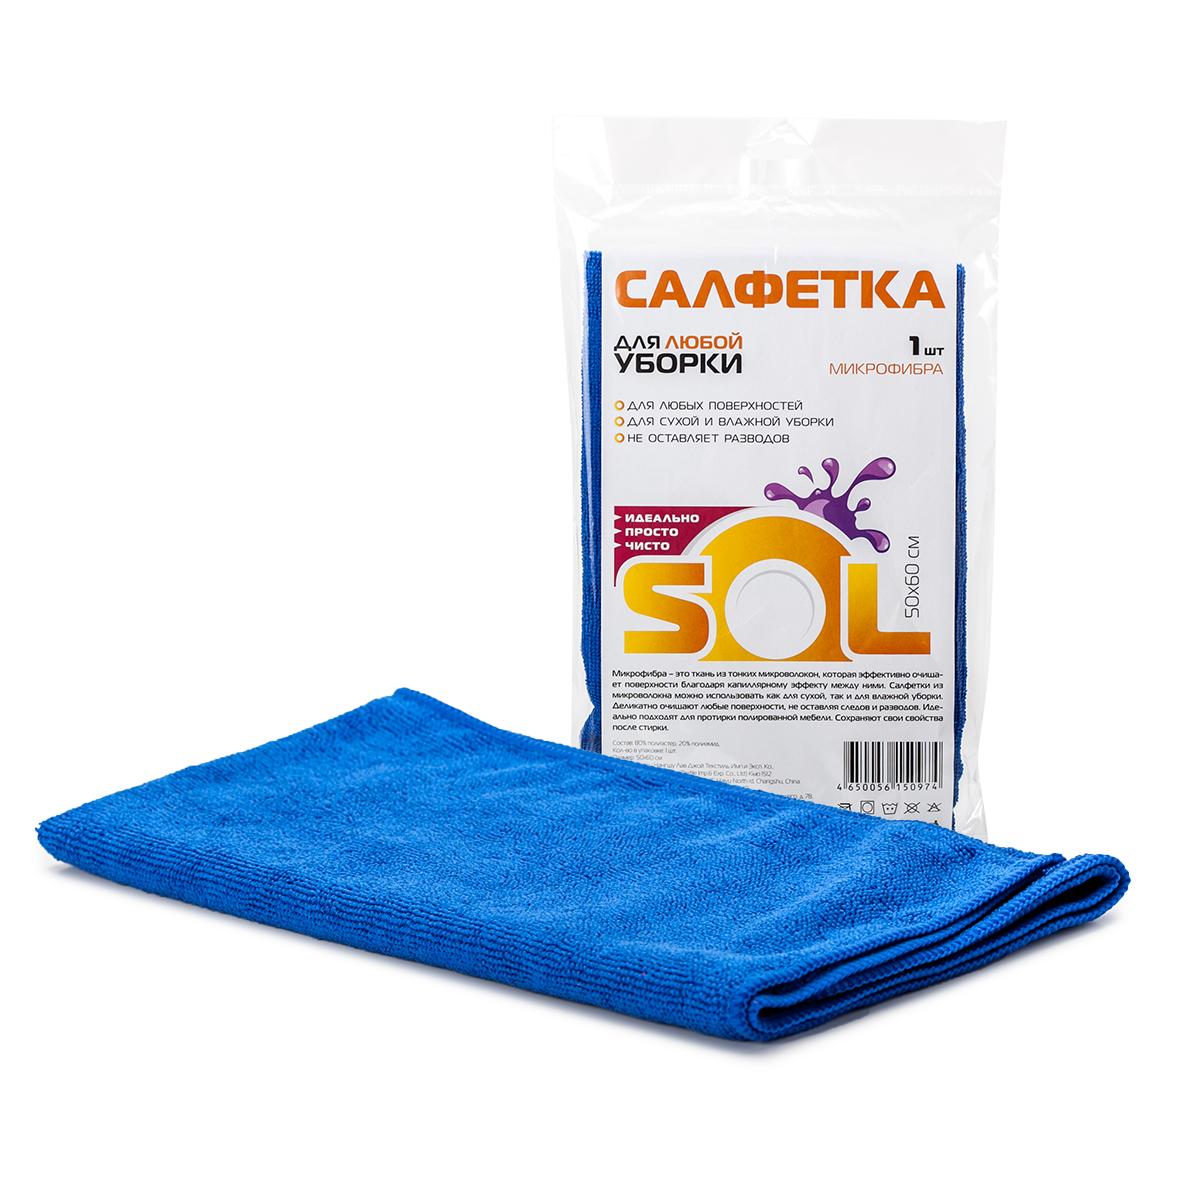 Салфетка для уборки Sol, цвет: темно-синий, 50 x 60 см. 1000810008/10047Салфетка Soll выполнена из микрофибры. Микрофибра - это ткань из тонких микроволокон, которая эффективно очищает поверхности благодаря капиллярному эффекту между ними. Такая салфетка может использоваться как для сухой, так и для влажной уборки. Деликатно очищает любые поверхности не оставляя следов и разводов. Идеально подходит для протирки полированной мебели. Сохраняет свои свойства после стирки. Рекомендации по применению и уходу: Для обеспечения гигиеничности рекомендуется прополаскивать салфетку после каждого применения с моющим средством. Для сохранения мягкости не рекомендуется сушить вблизи отопительных приборов и на батареях. Нельзя стирать с отбеливающими средствами, кипятить и гладить.